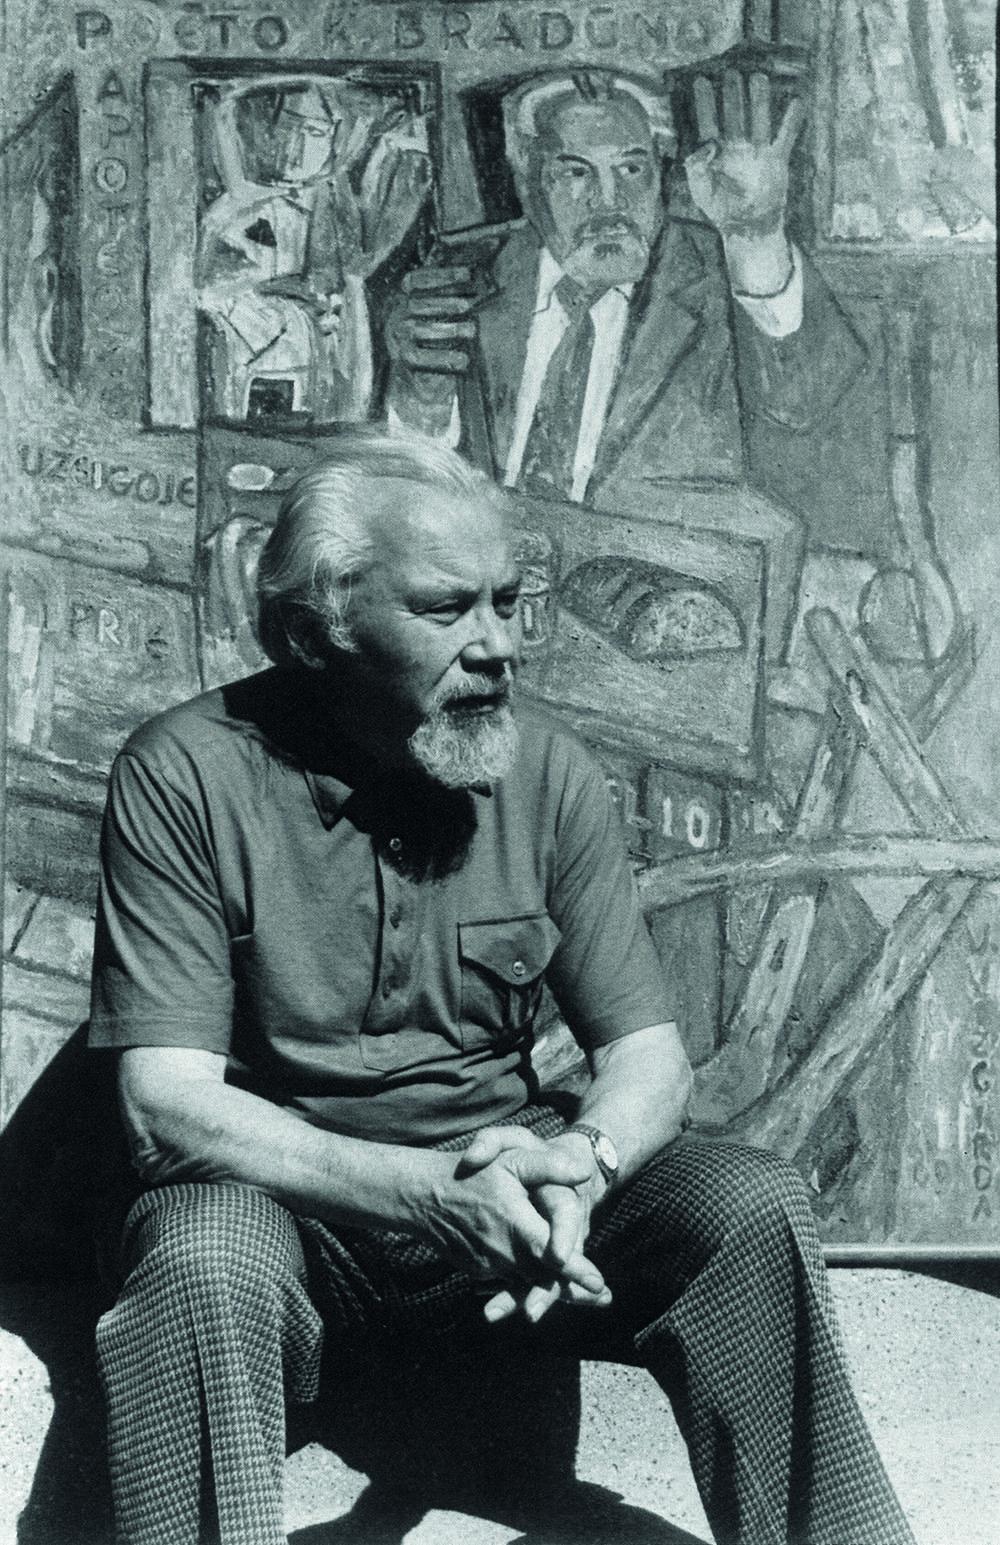 K. Bradūnas prie V. Vizgirdos tapyto portreto | Apie1983 Ieimos archyvo nuotr.